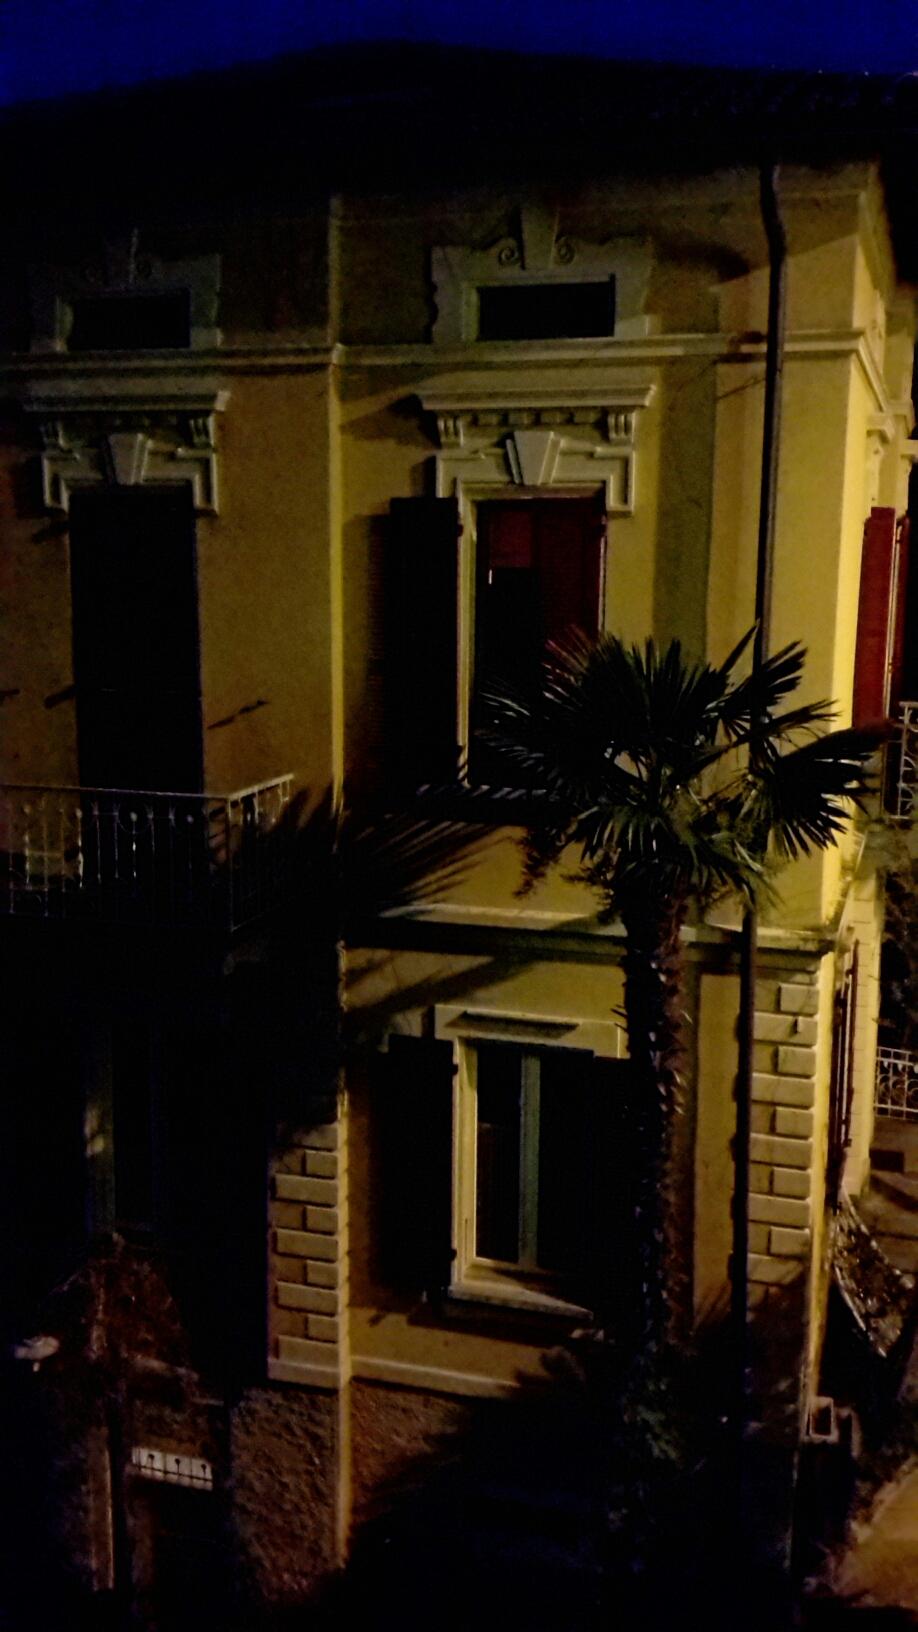 Night in Locarno